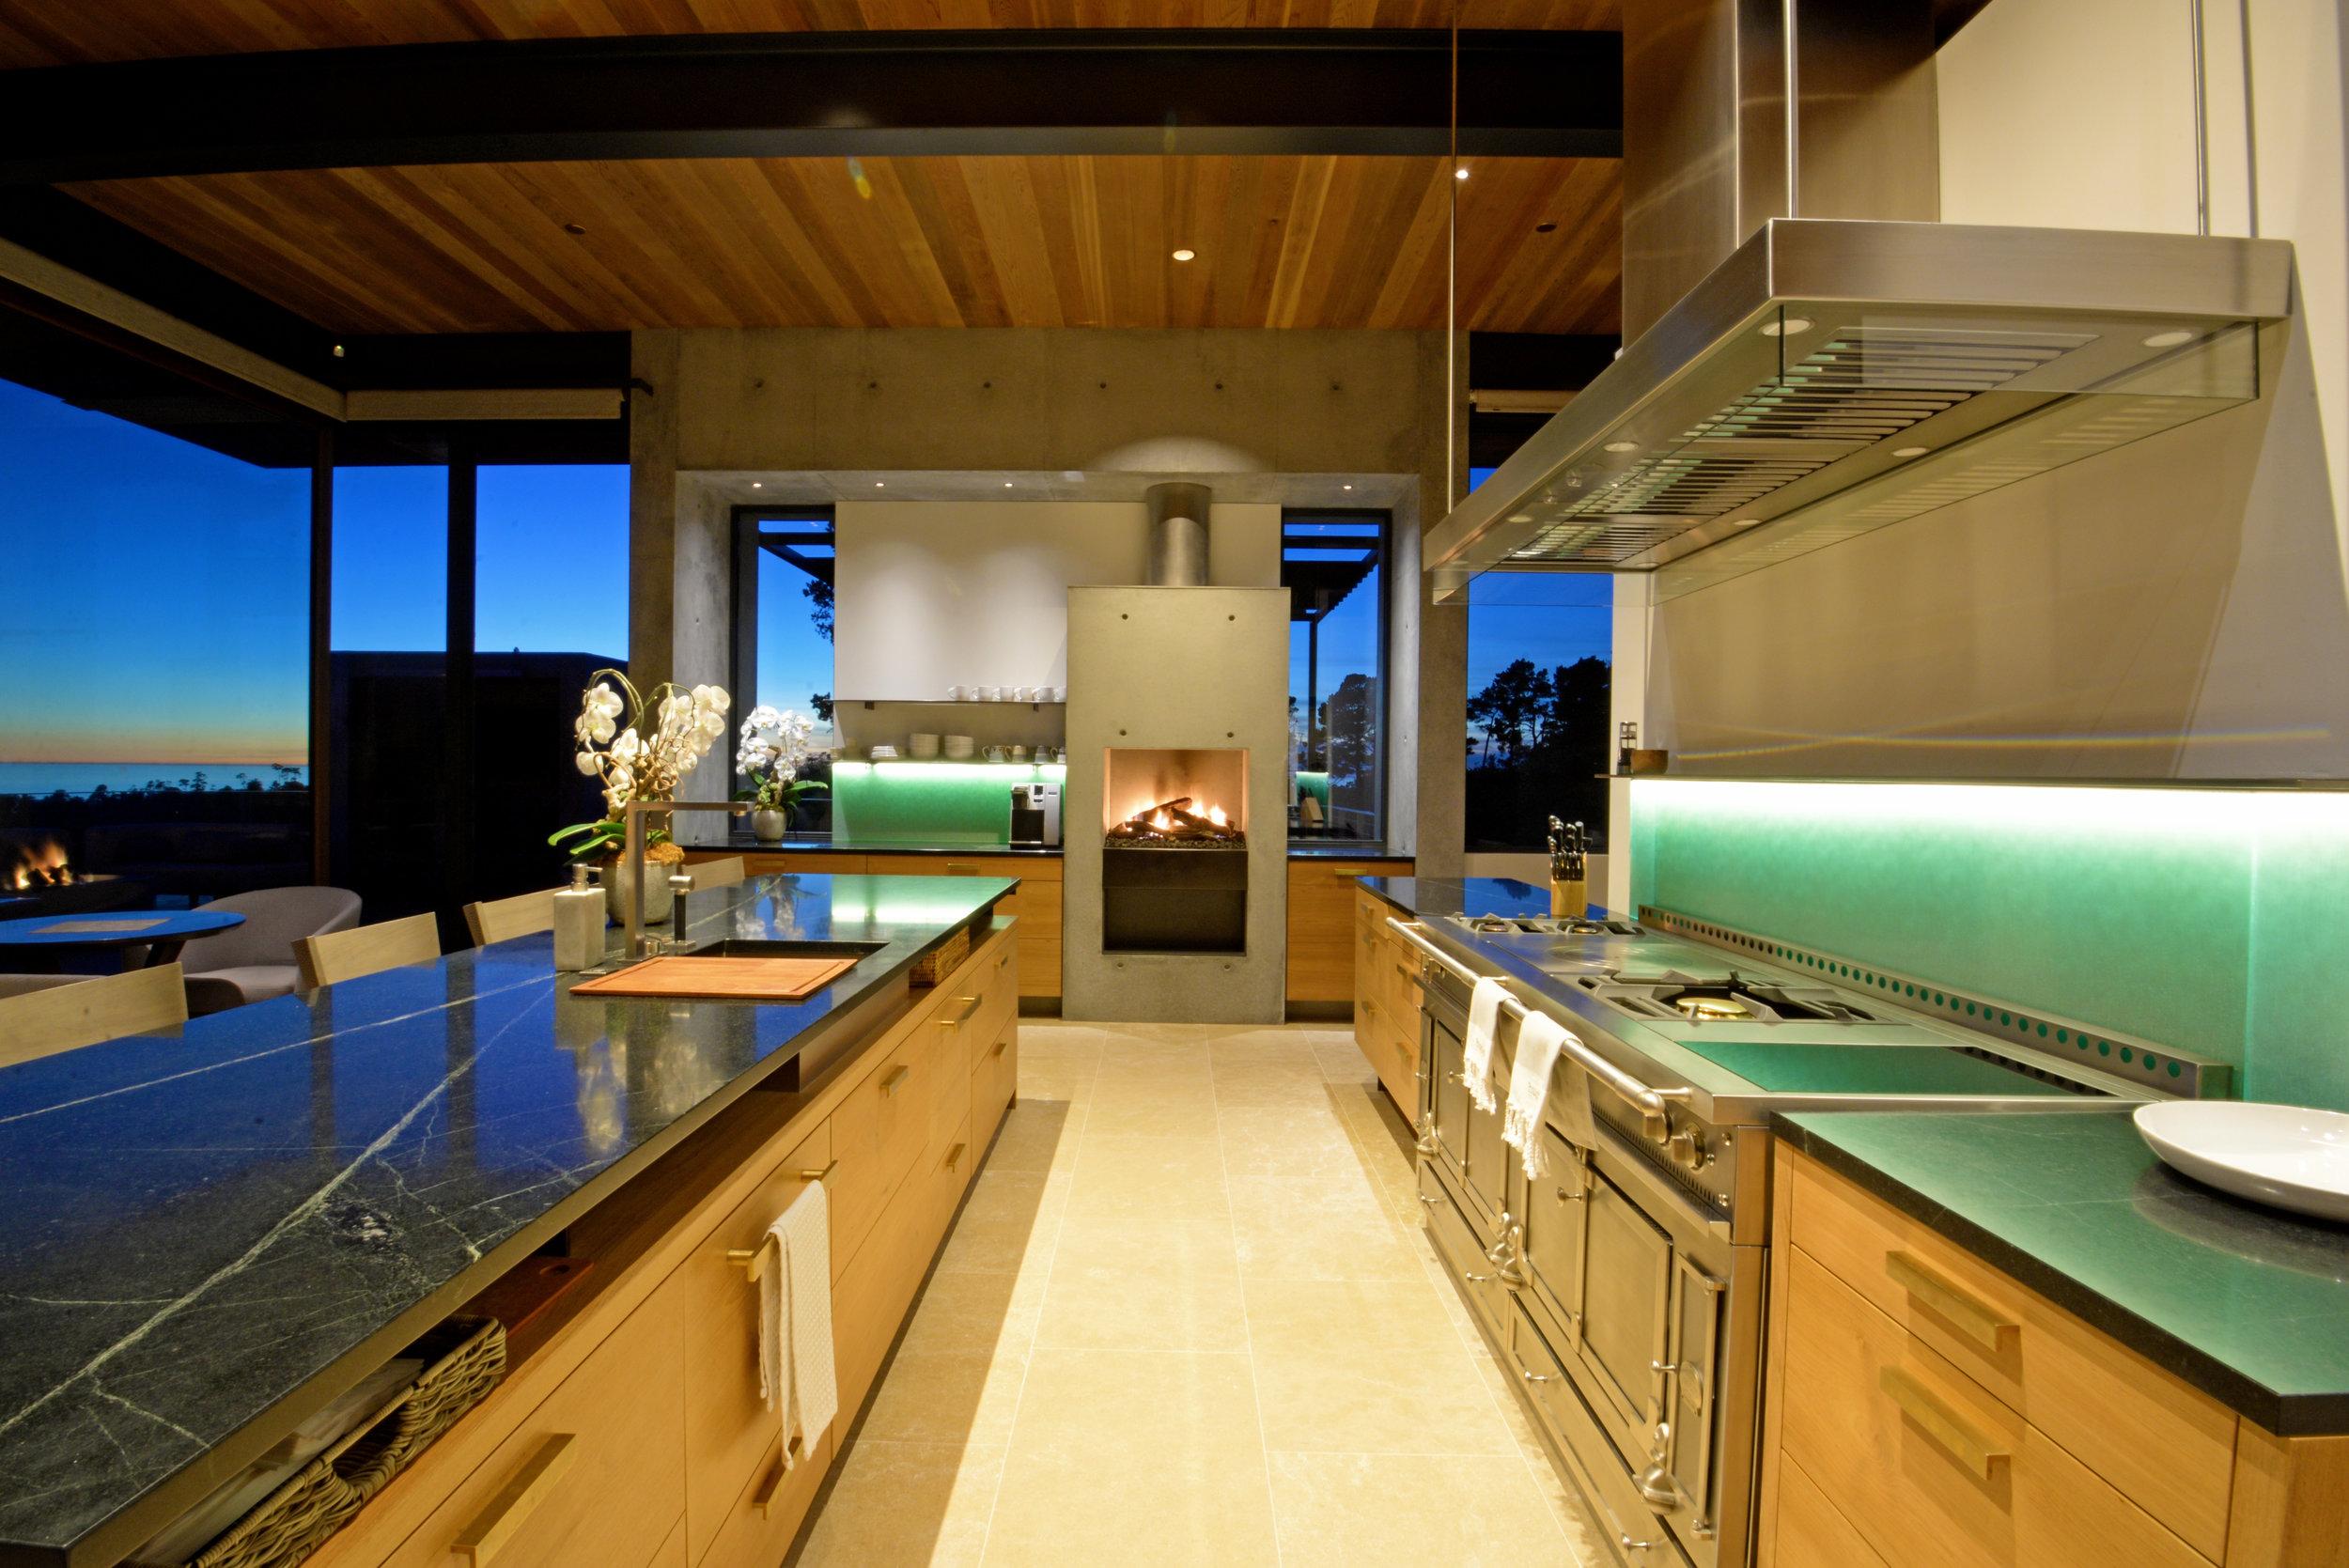 Hughes_Kitchen_4.jpg